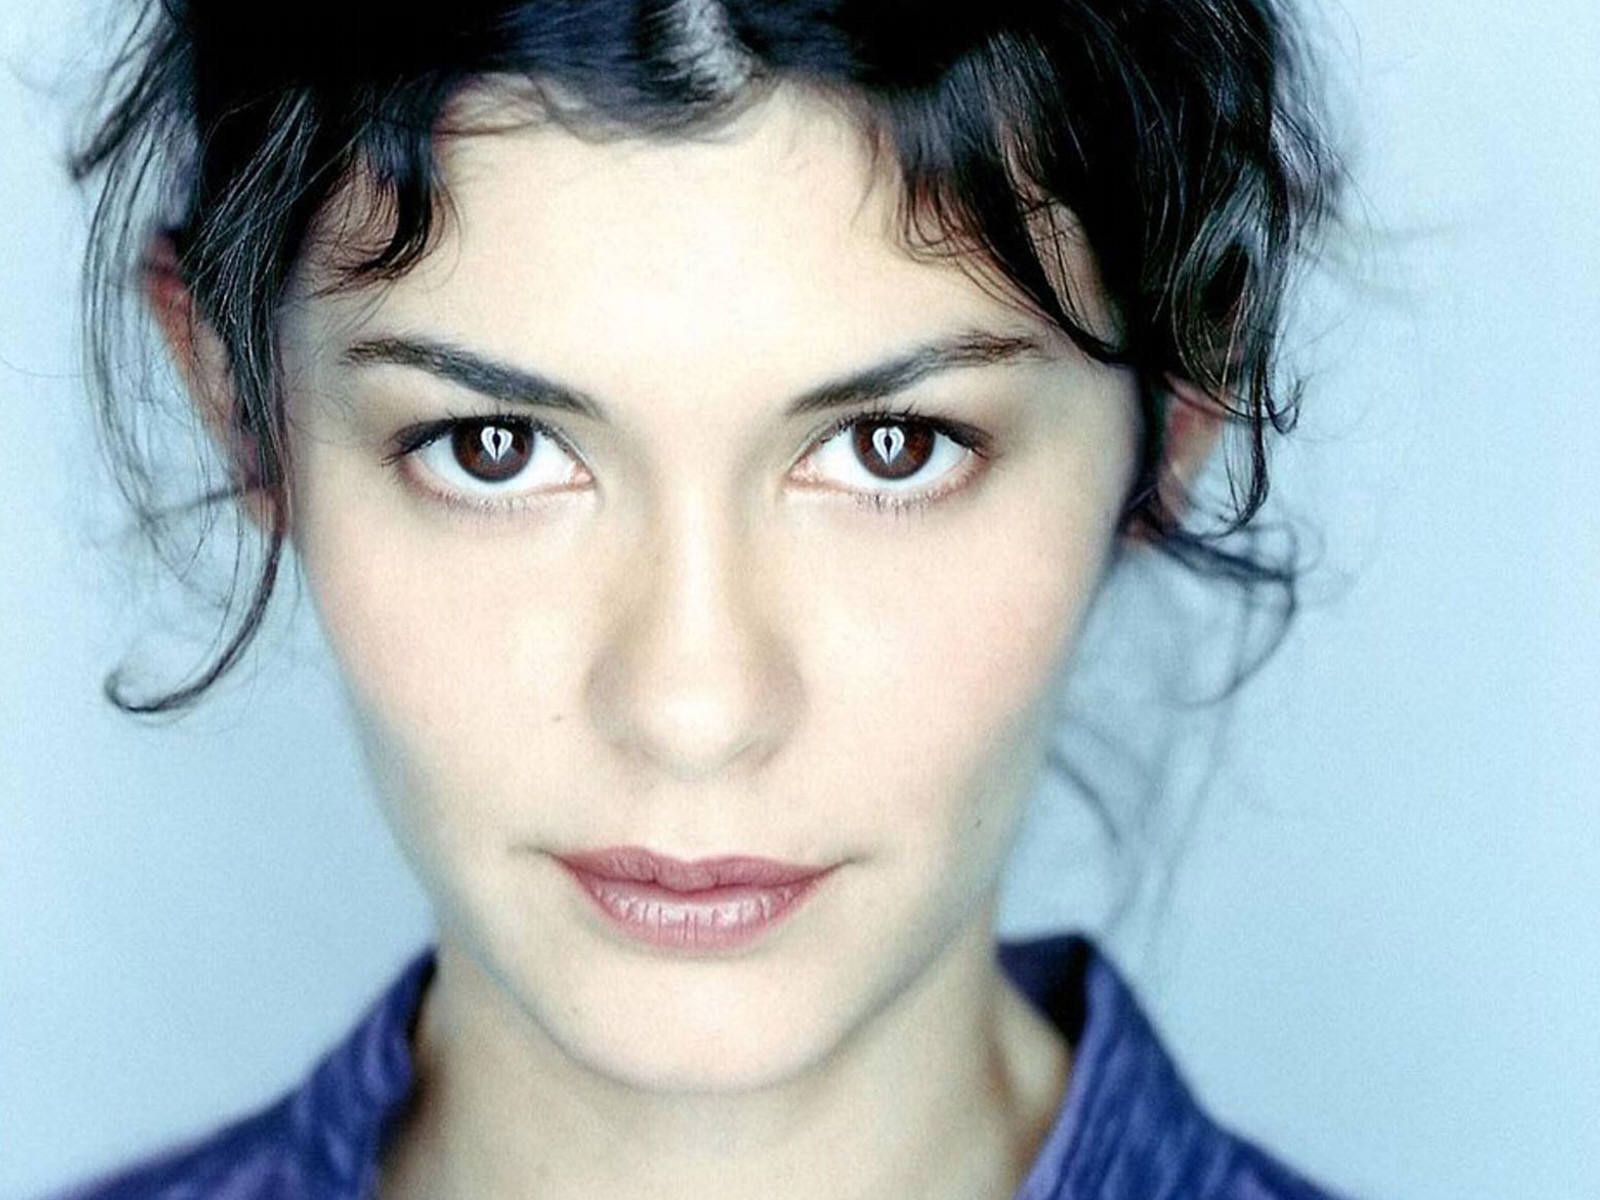 French Actress Audrey Tatou